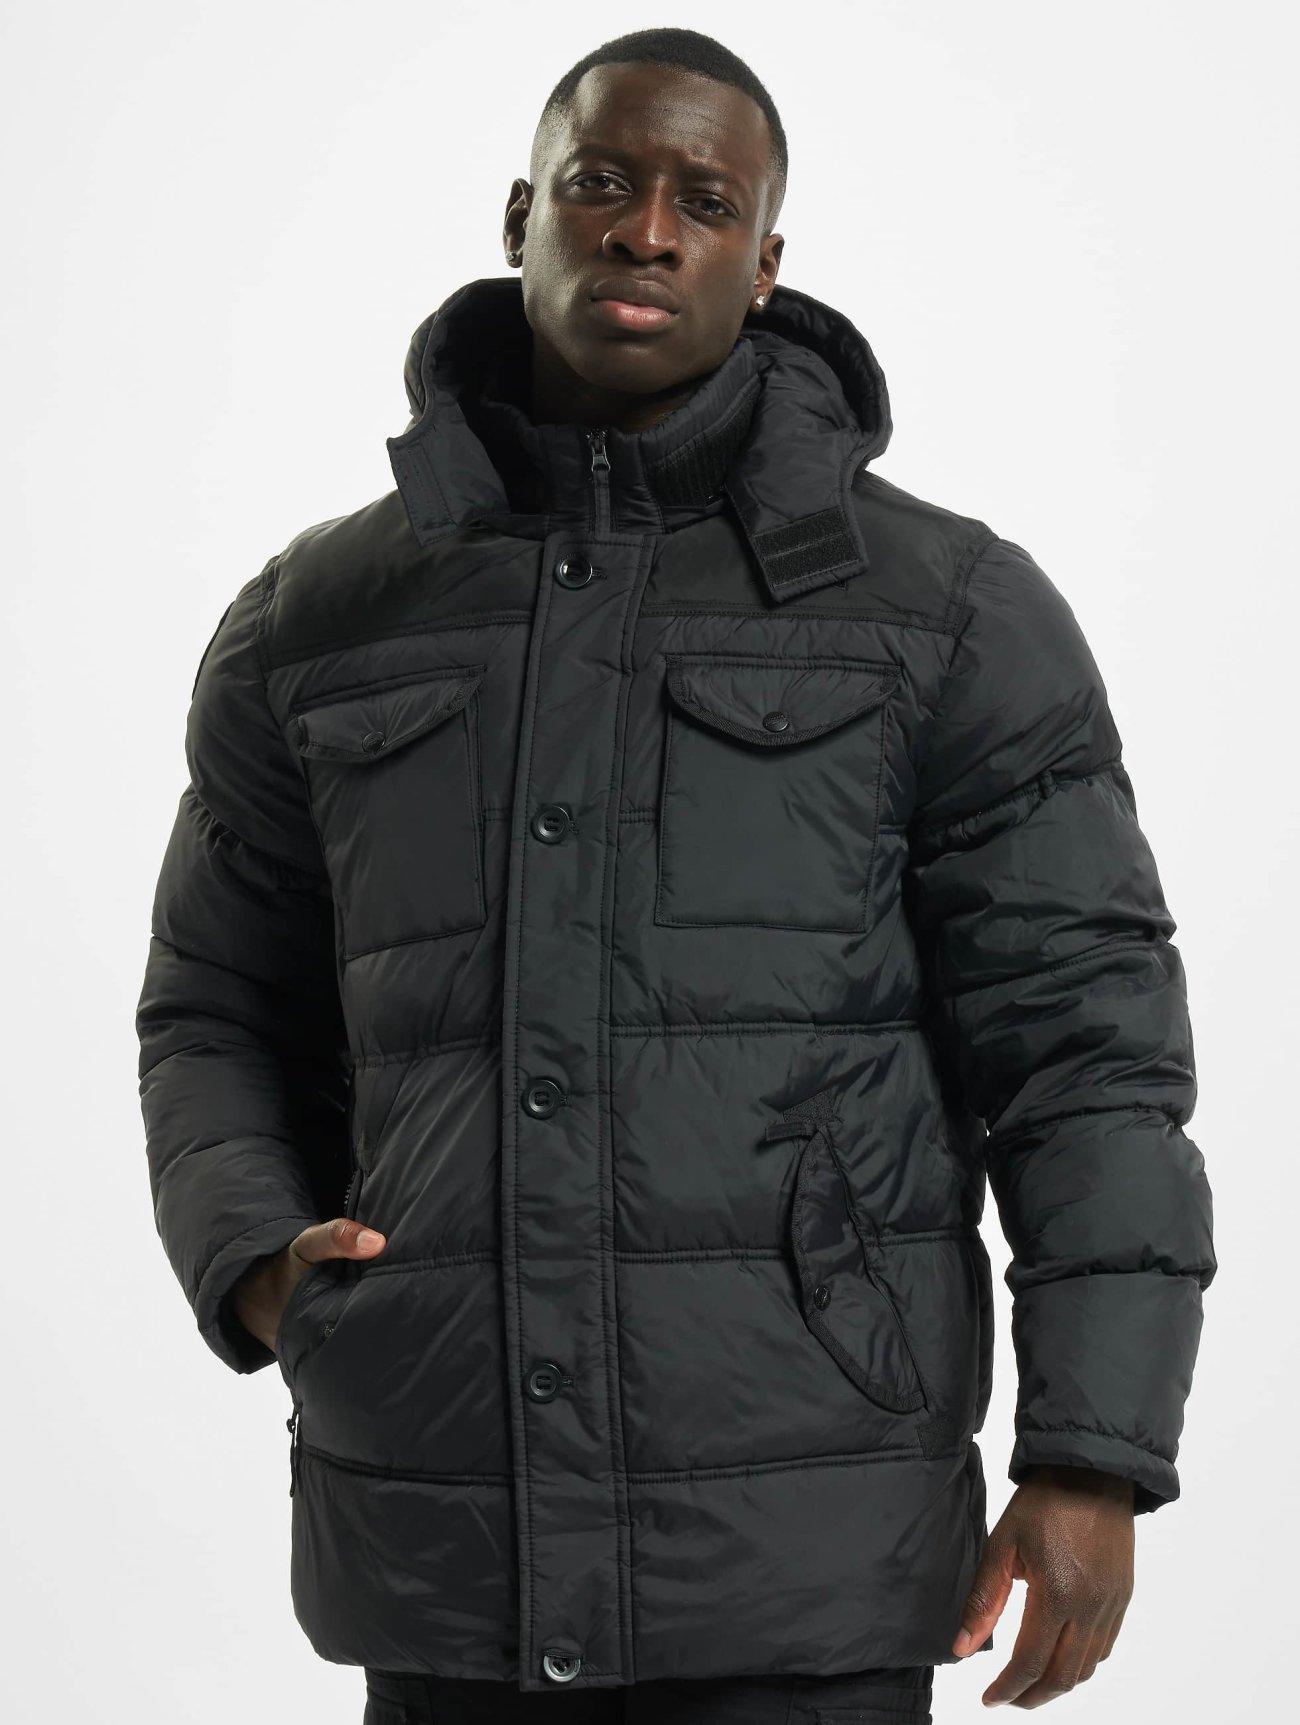 Lonsdale London |  Darren    noir Homme Manteau hiver  89859| Homme Manteaux & Vestes